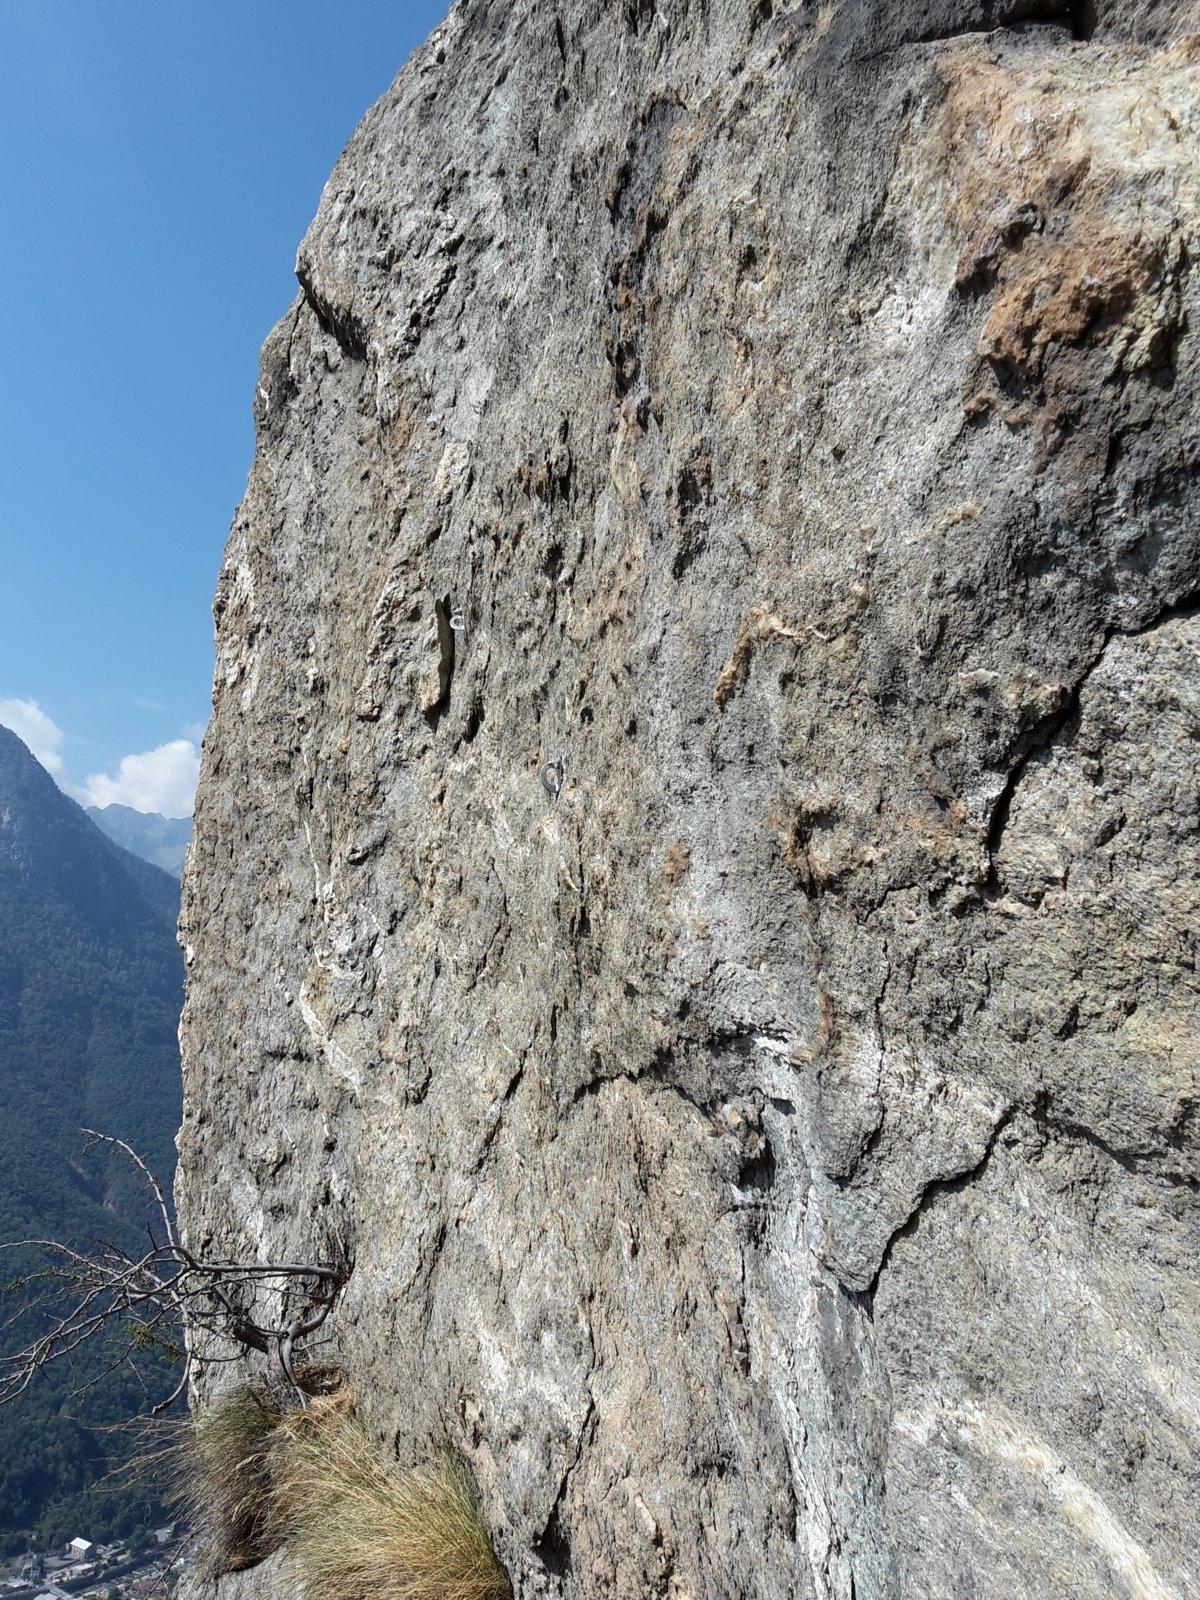 muro verticale del quinto tiro, per fortuna c'è la fessura